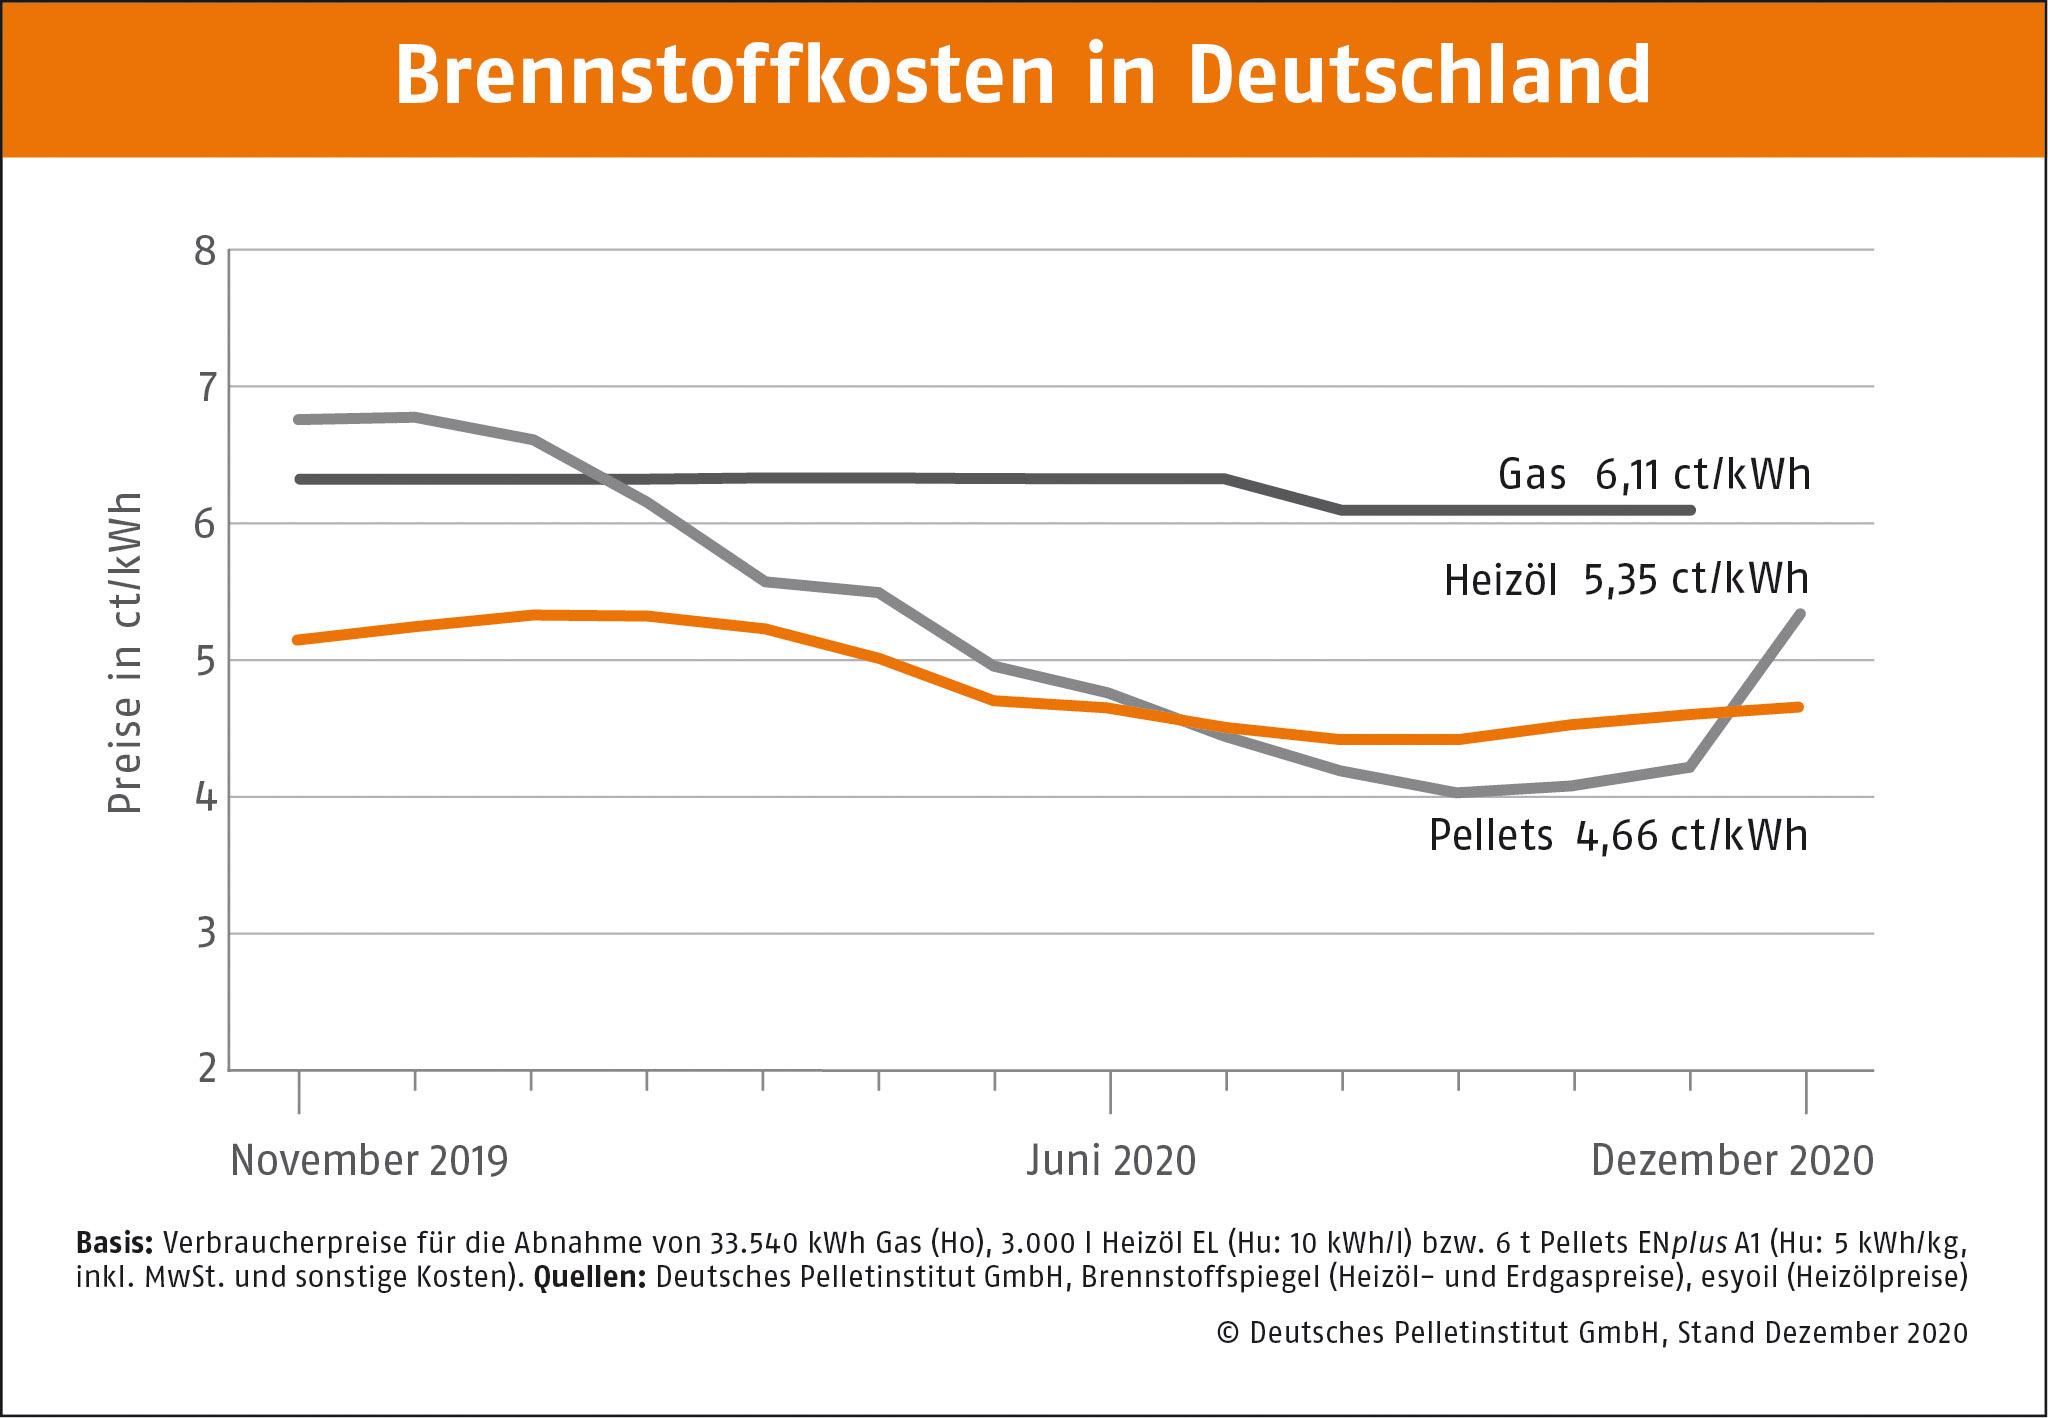 DEPI Brennstoffkosten in Deutschland Dezember 2020